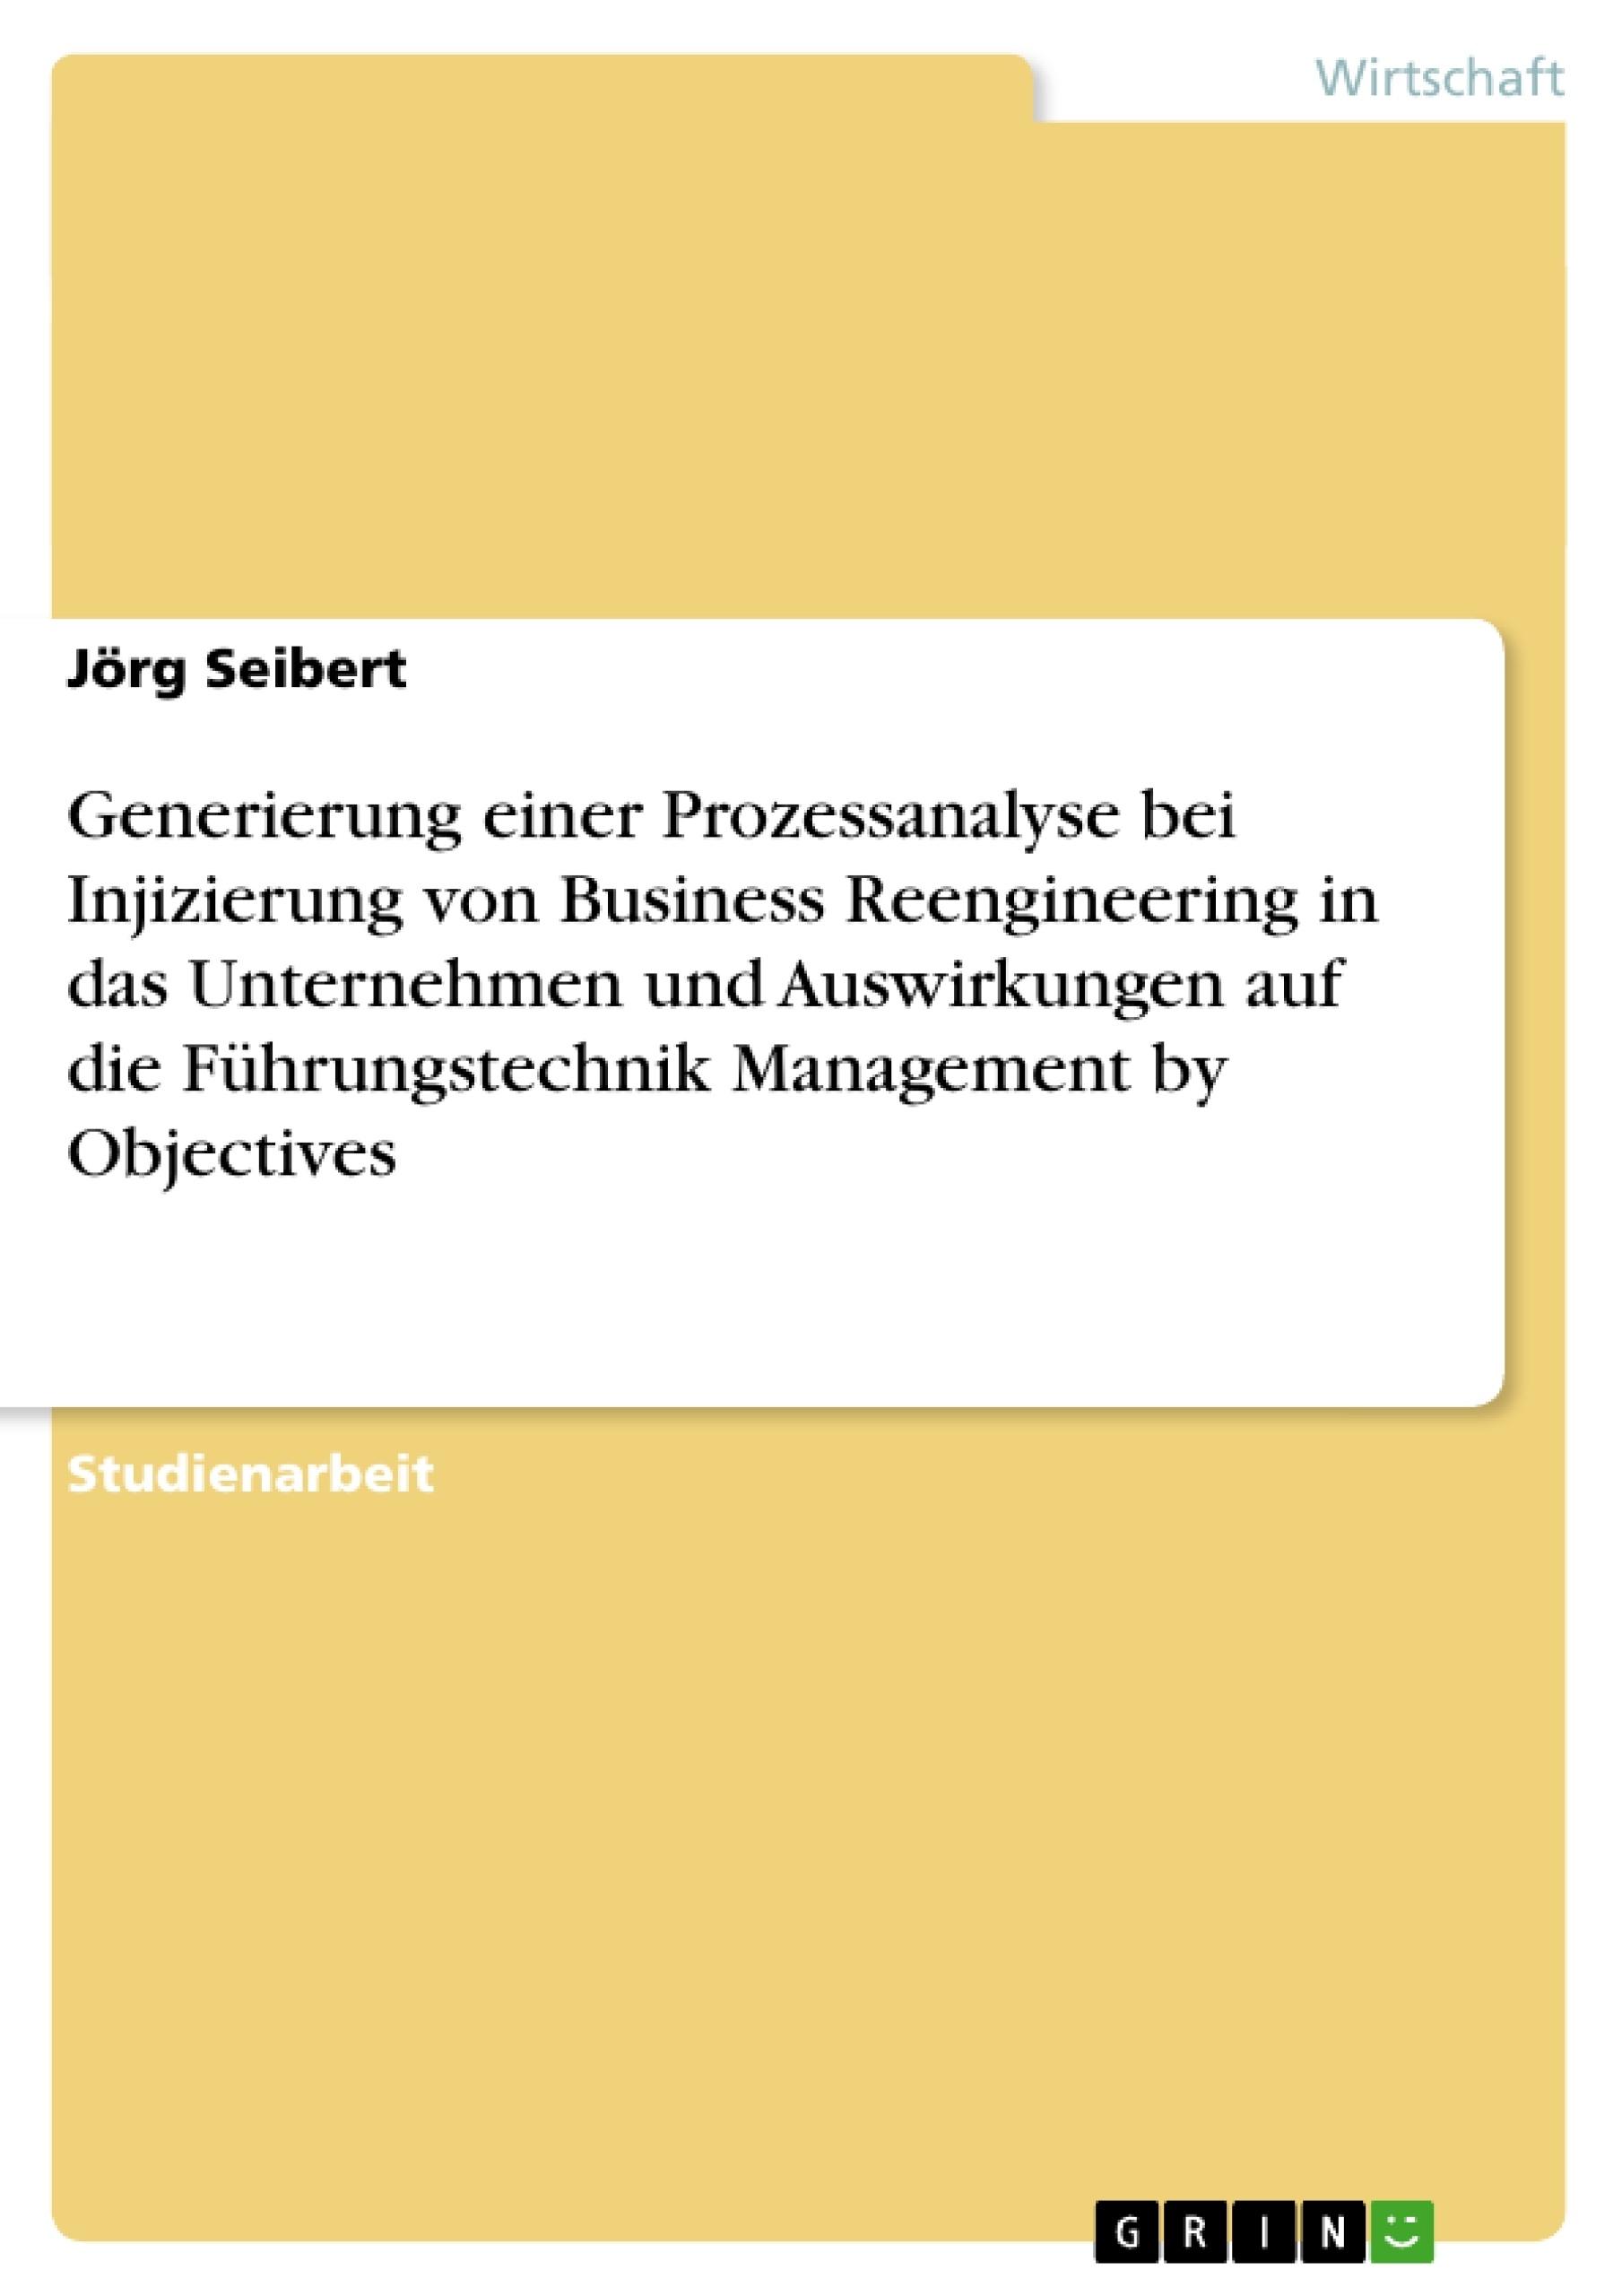 Titel: Generierung einer Prozessanalyse bei Injizierung von Business Reengineering in das Unternehmen und Auswirkungen auf die Führungstechnik Management by Objectives